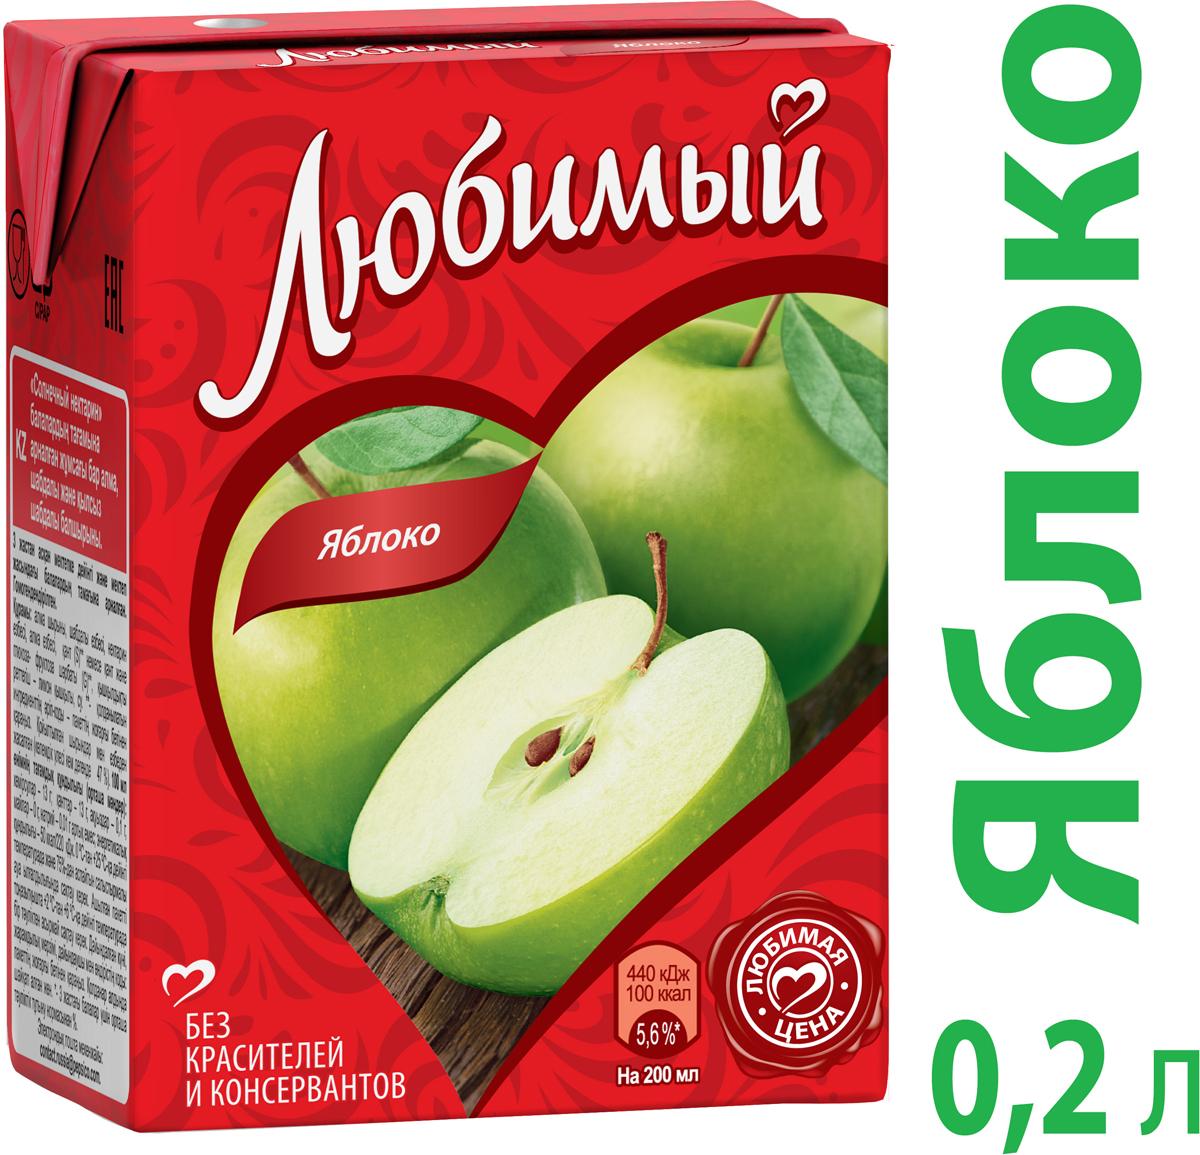 Любимый Яблоко нектар осветленный, 0,2 л340024791Любимый – это нектары, соковые напитки, а также сиропы на любой вкус по доступной цене. Они бережно сохраняют настоящий вкус и аромат сочных спелых фруктов без использования искусственных красителей и консервантов. В ассортиментной линейке бренда